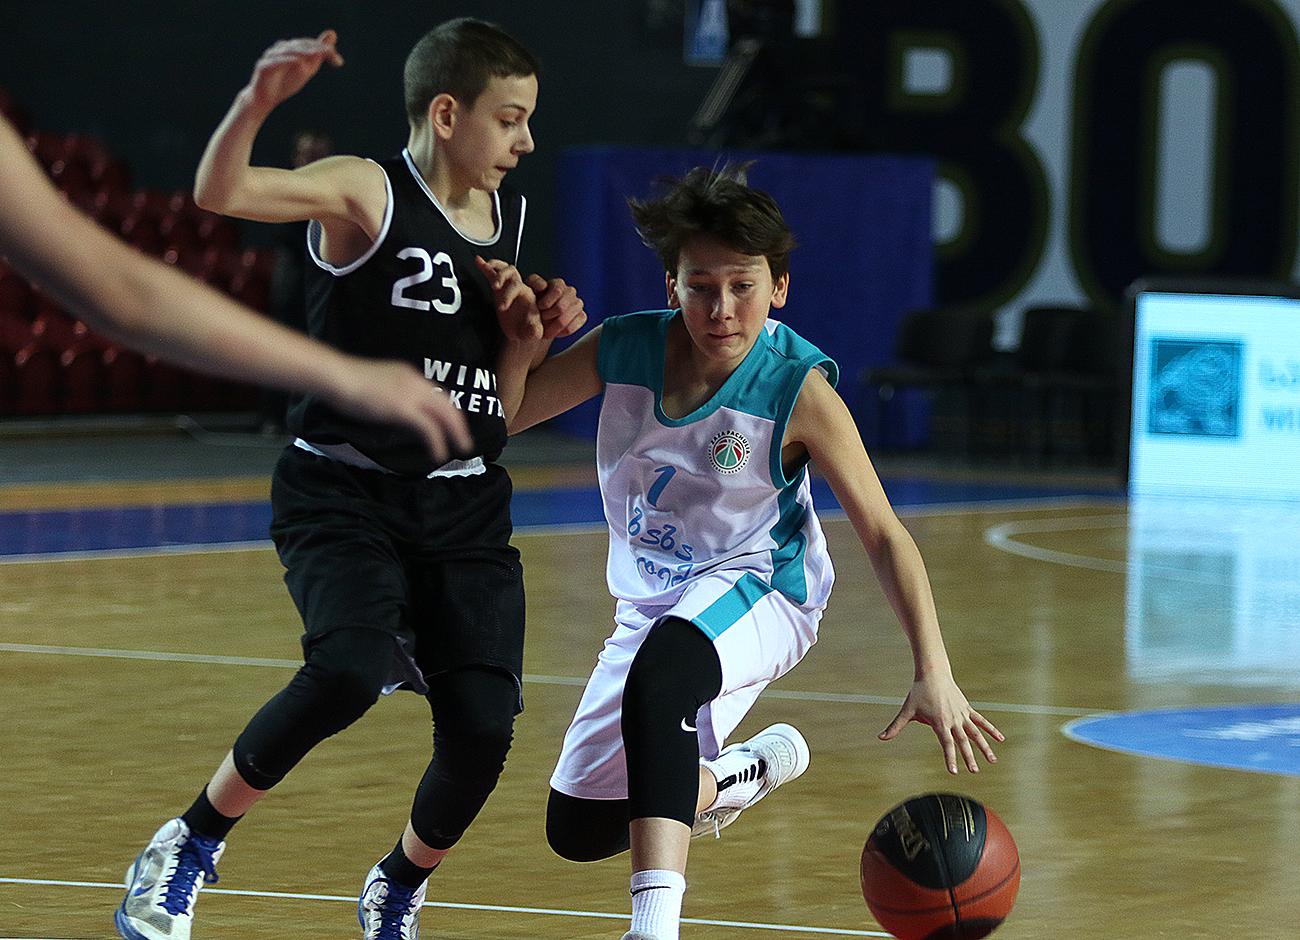 14-წლამდელთა ჩემპიონატის ახალი ცხრილი და შედეგები